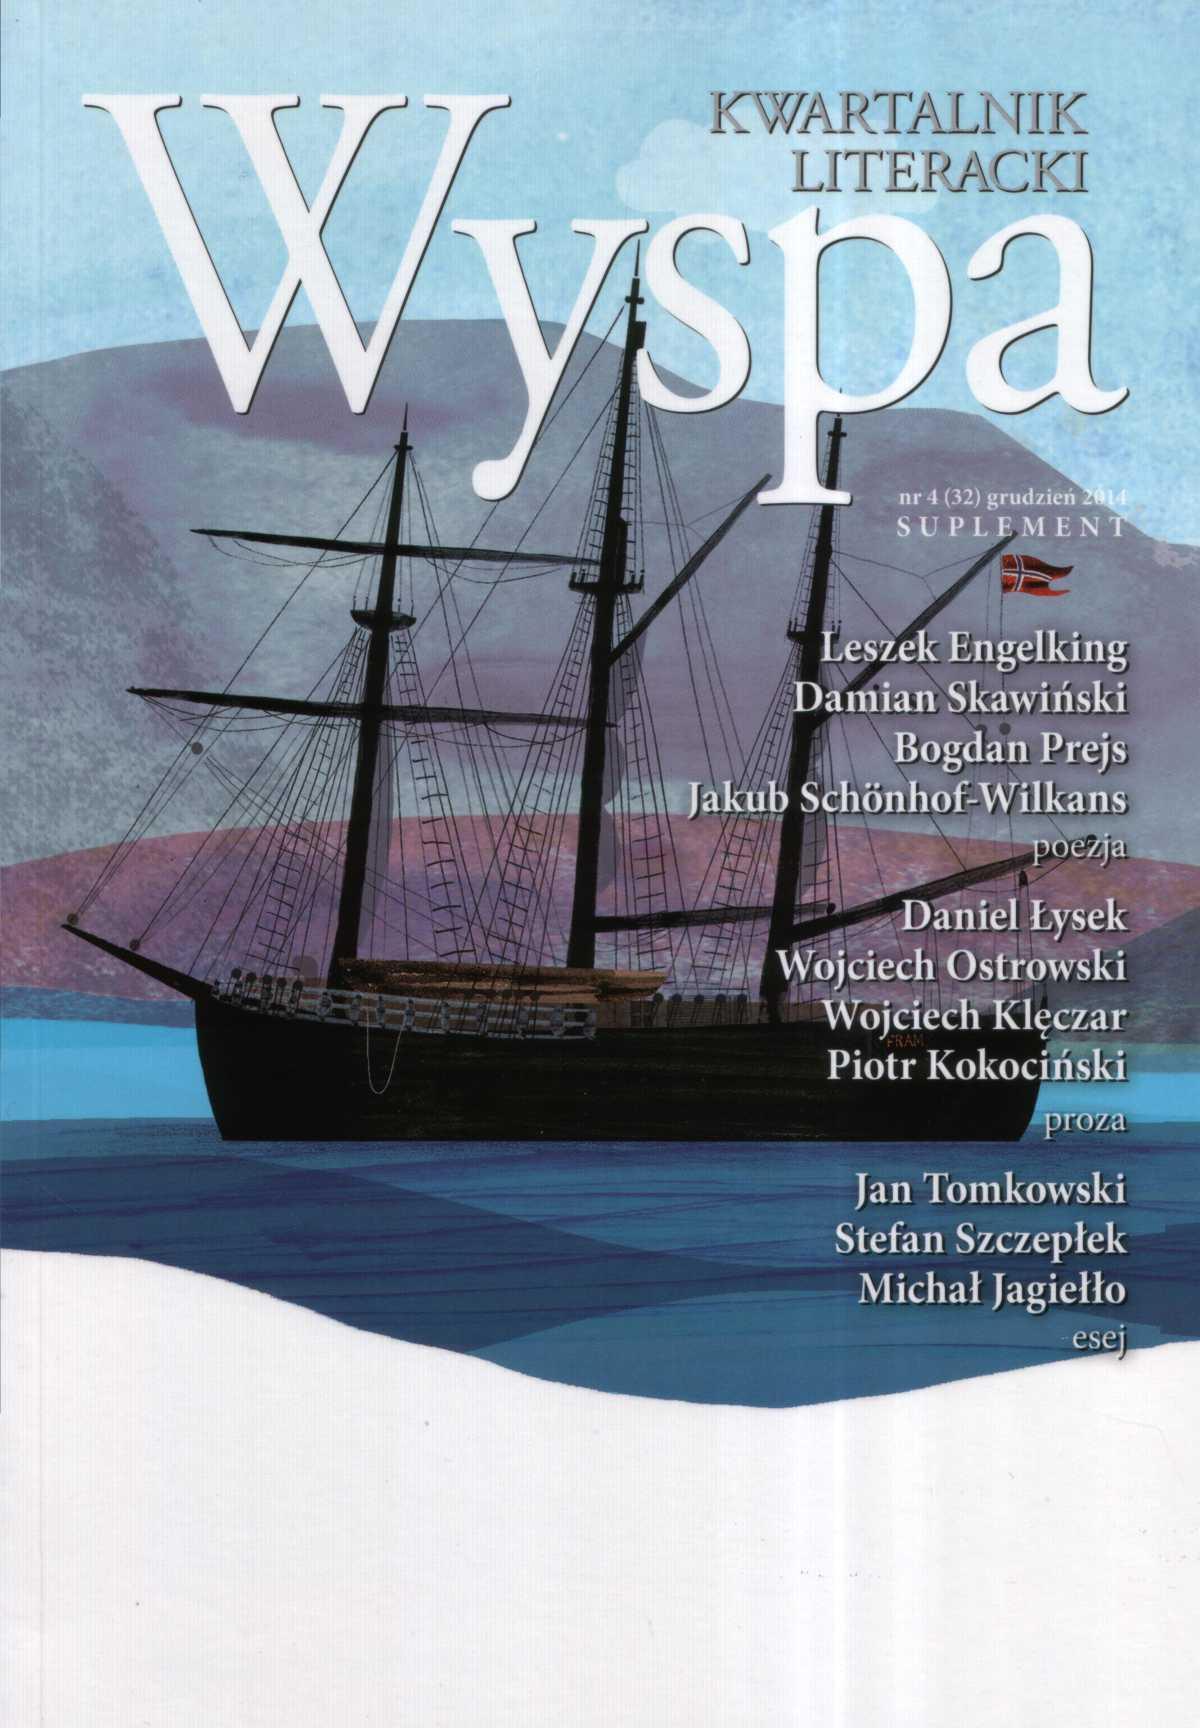 WYSPA Kwartalnik Literacki nr 4/2014 (32) - Suplement - Ebook (Książka EPUB) do pobrania w formacie EPUB